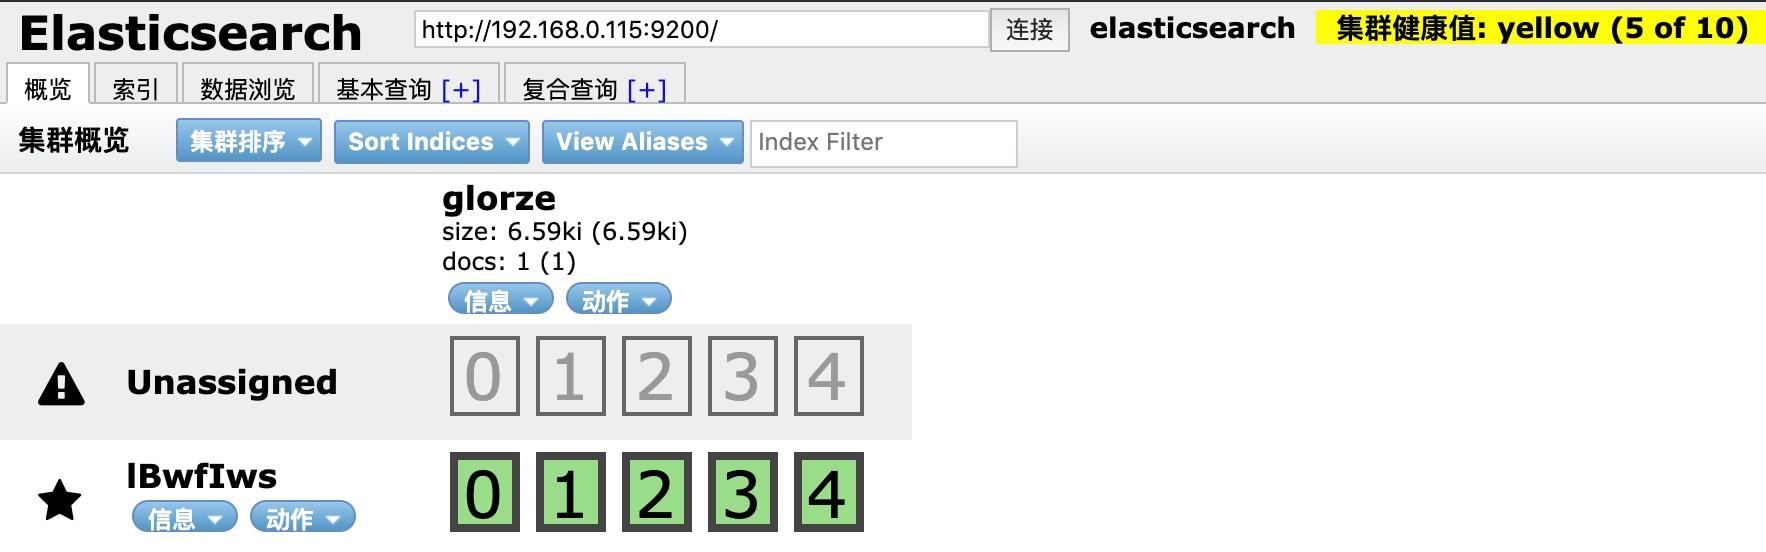 全文搜索引擎 Elasticsearch 入门以及踩坑记录详细版的图片-高老四博客 第5张